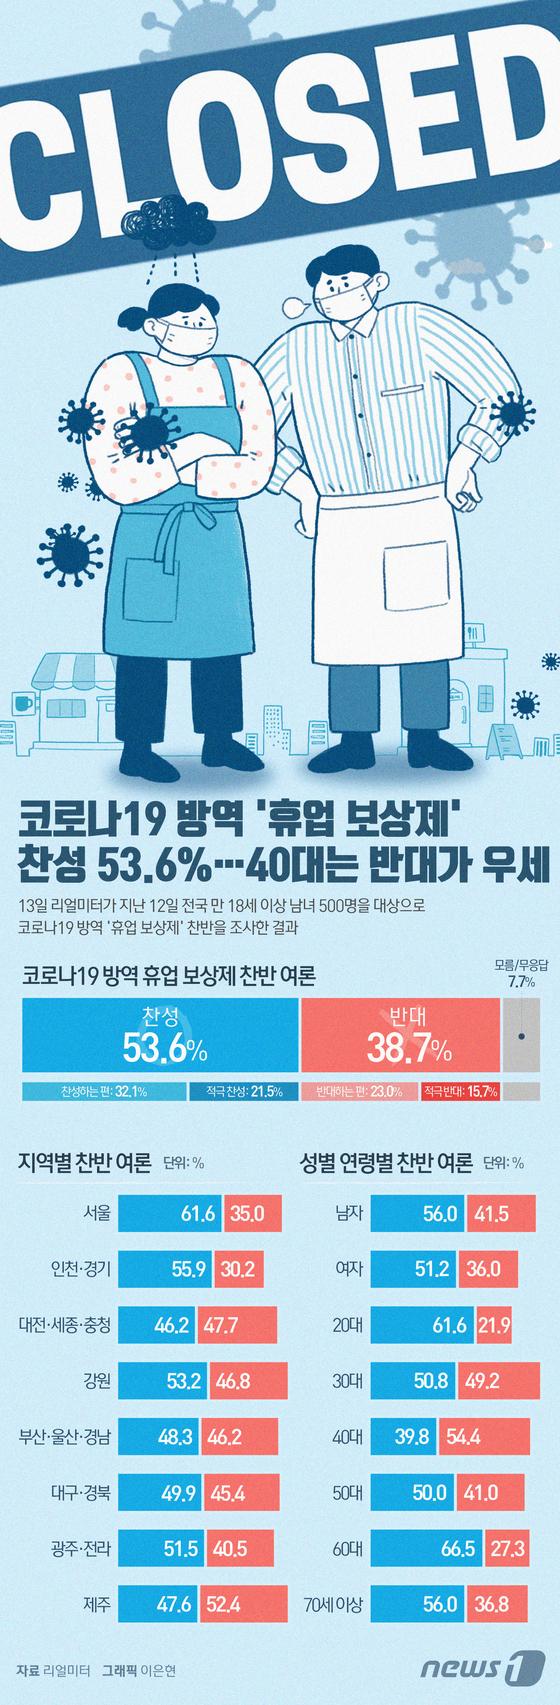 [그래픽뉴스] 코로나19 방역 \'휴업 보상제\' 찬성 53.6%